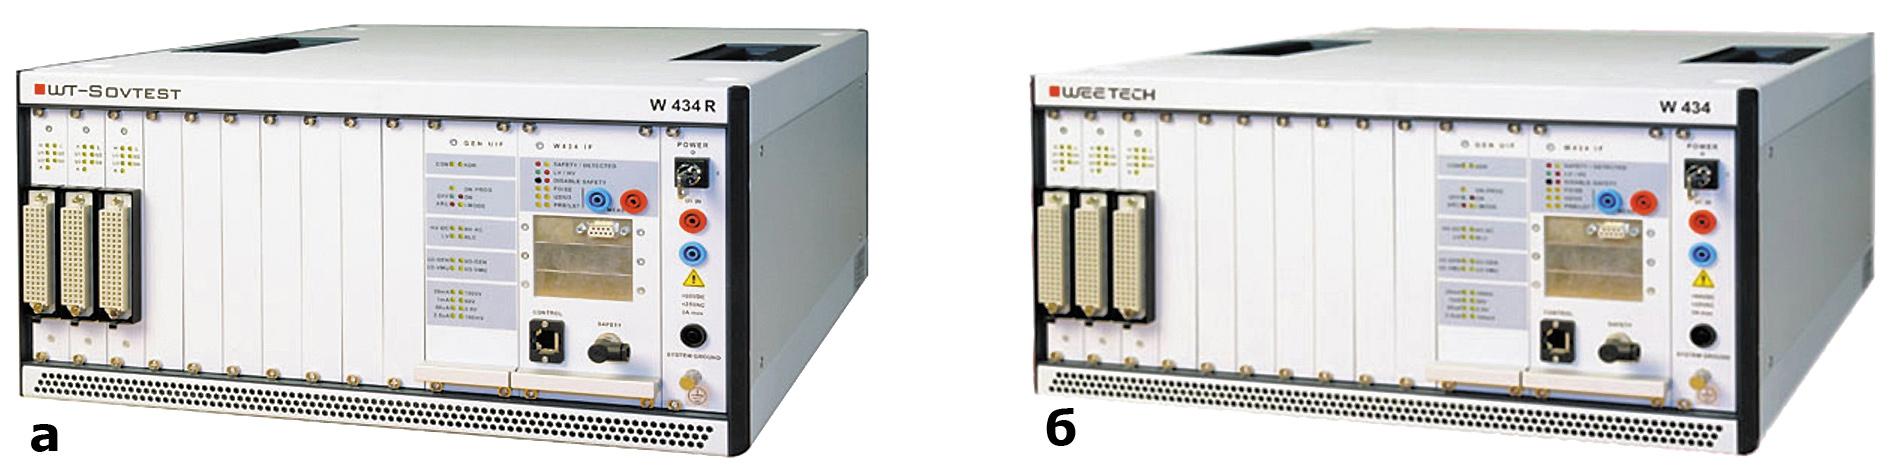 Тестер «СОВТЕСТ W434R» и «Weetech W434» фирмы «Совтест»